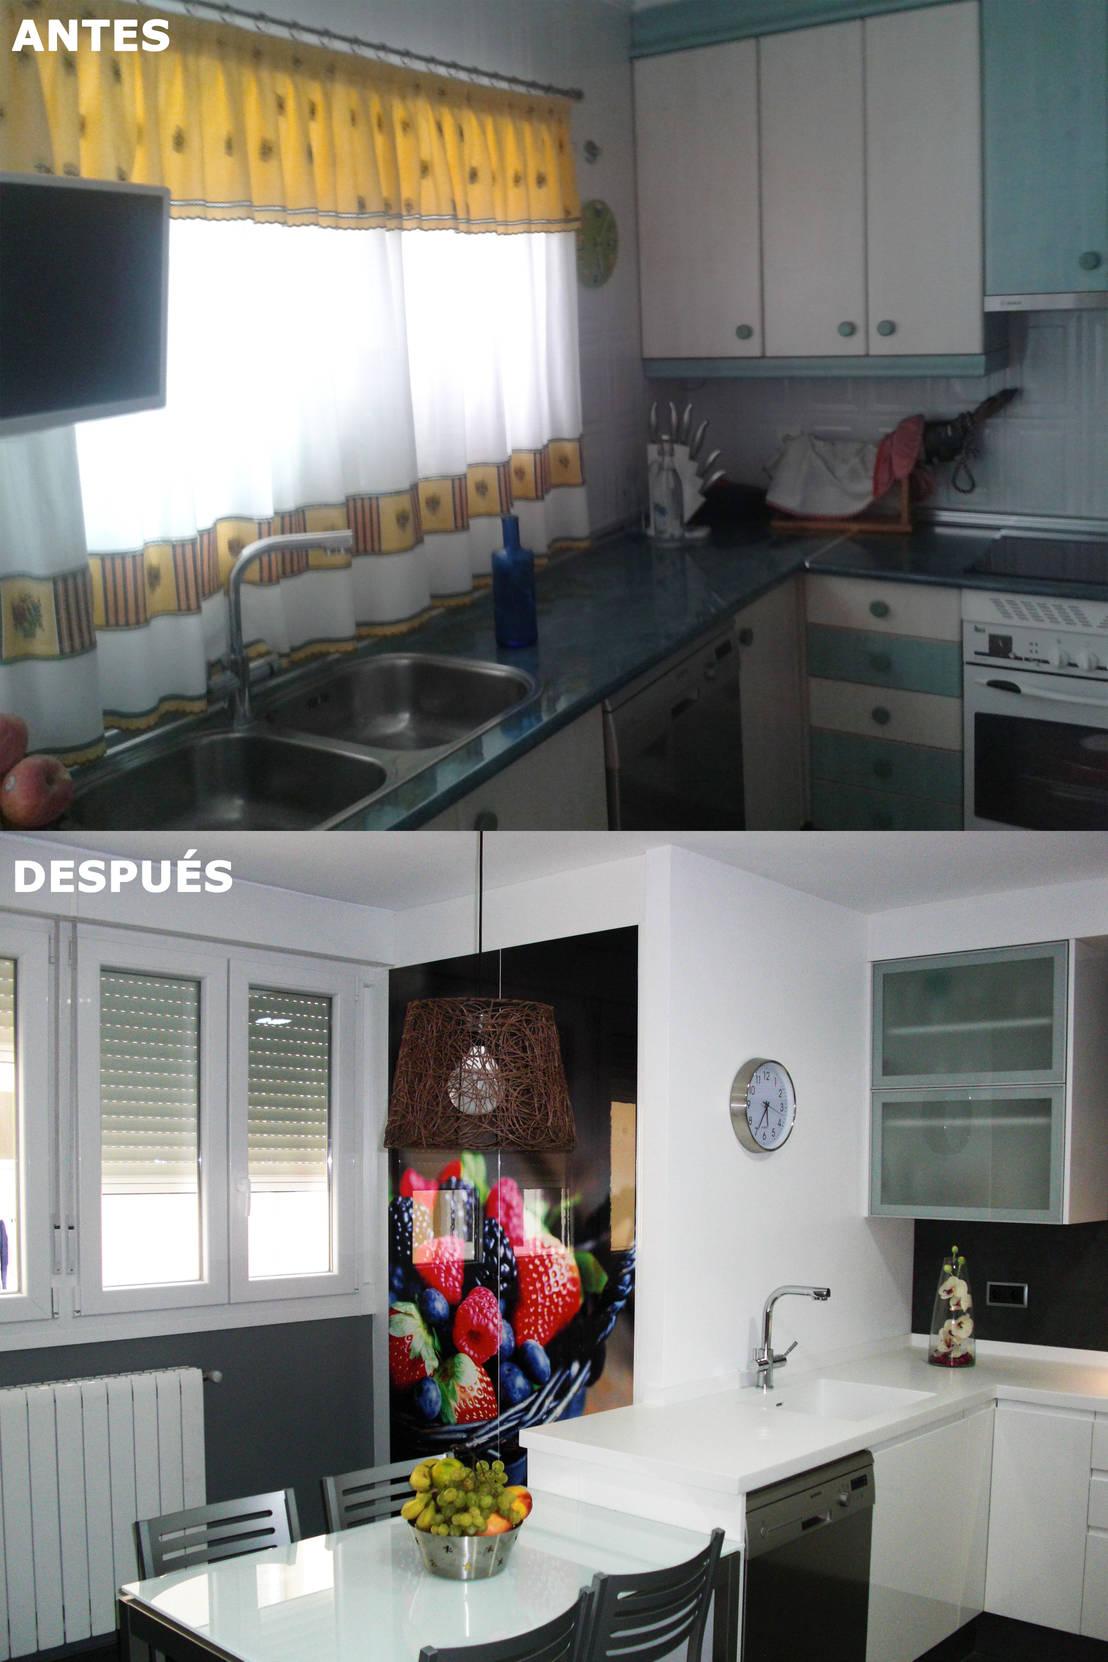 Reforma integral en albacete de lm ingecon homify - Cocinas en albacete ...